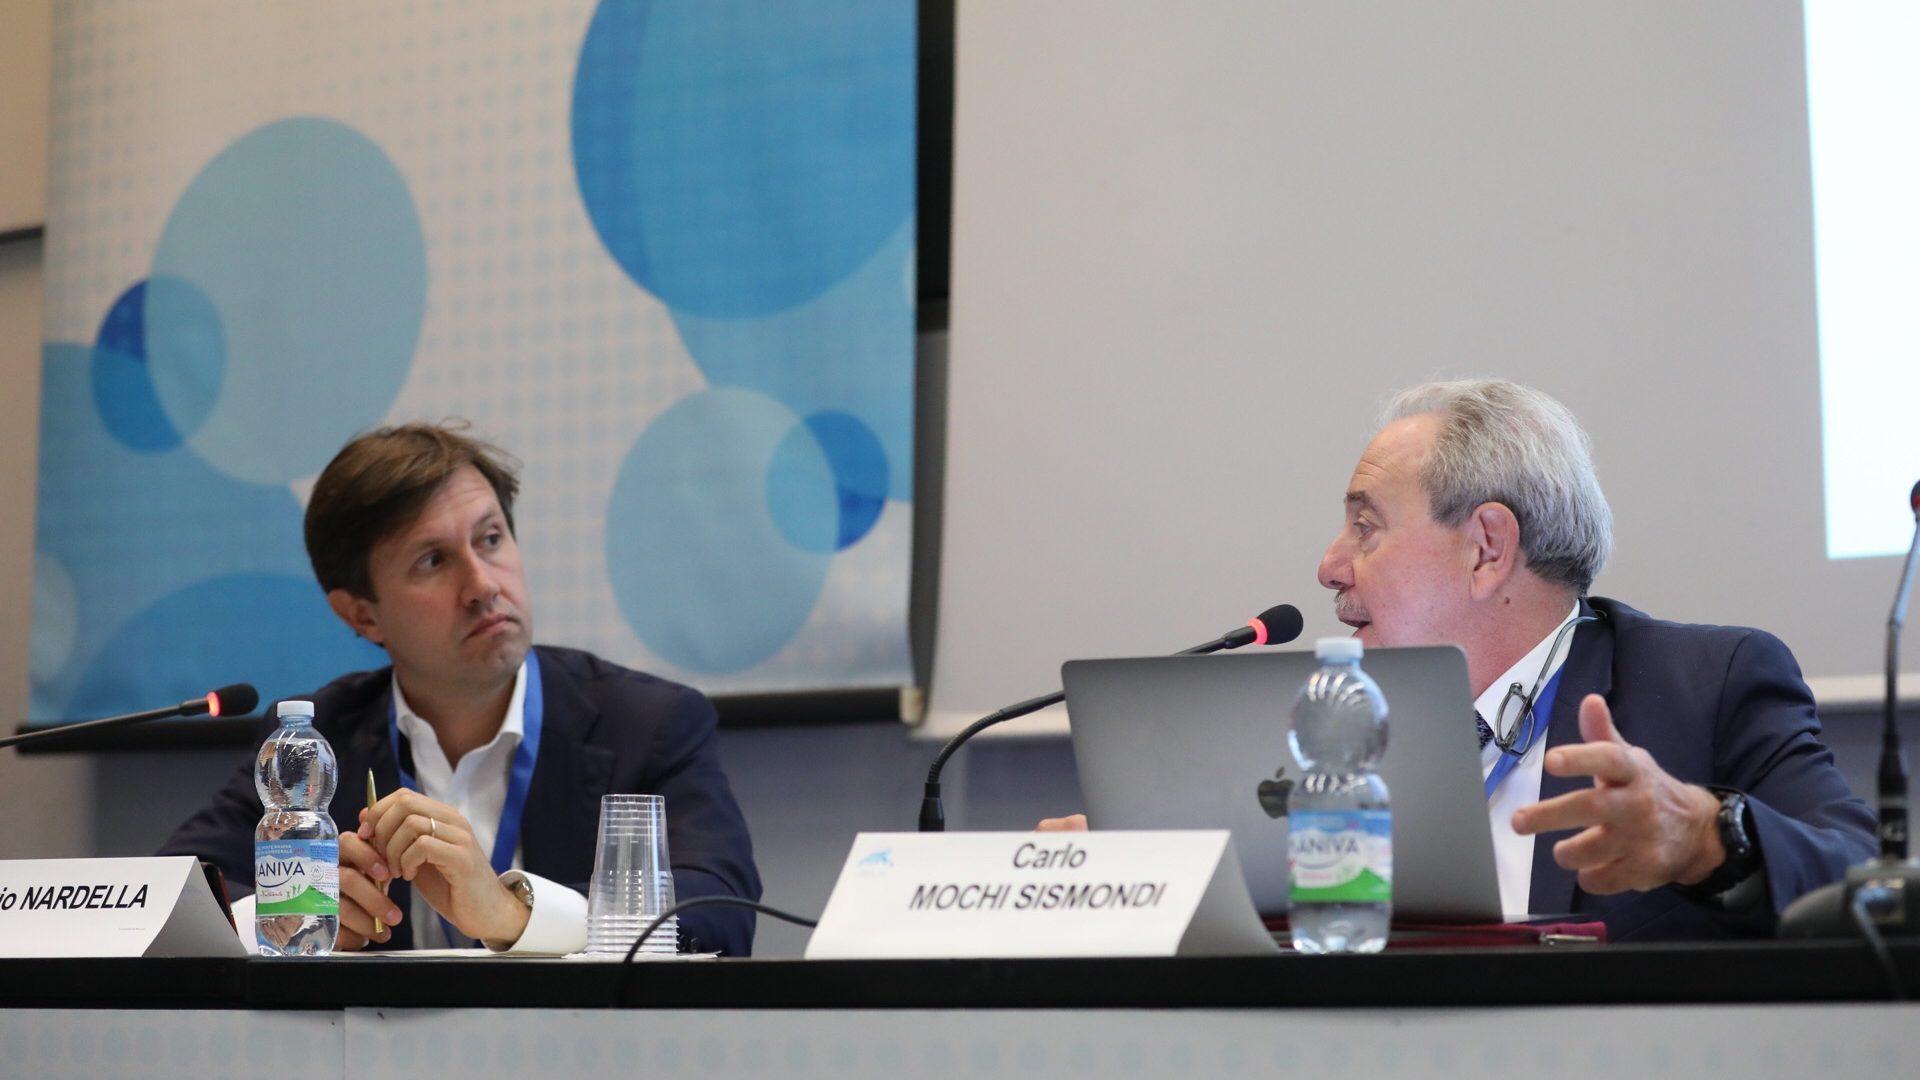 Foto di Dario Nardella e Carlo Mochi Sismondi